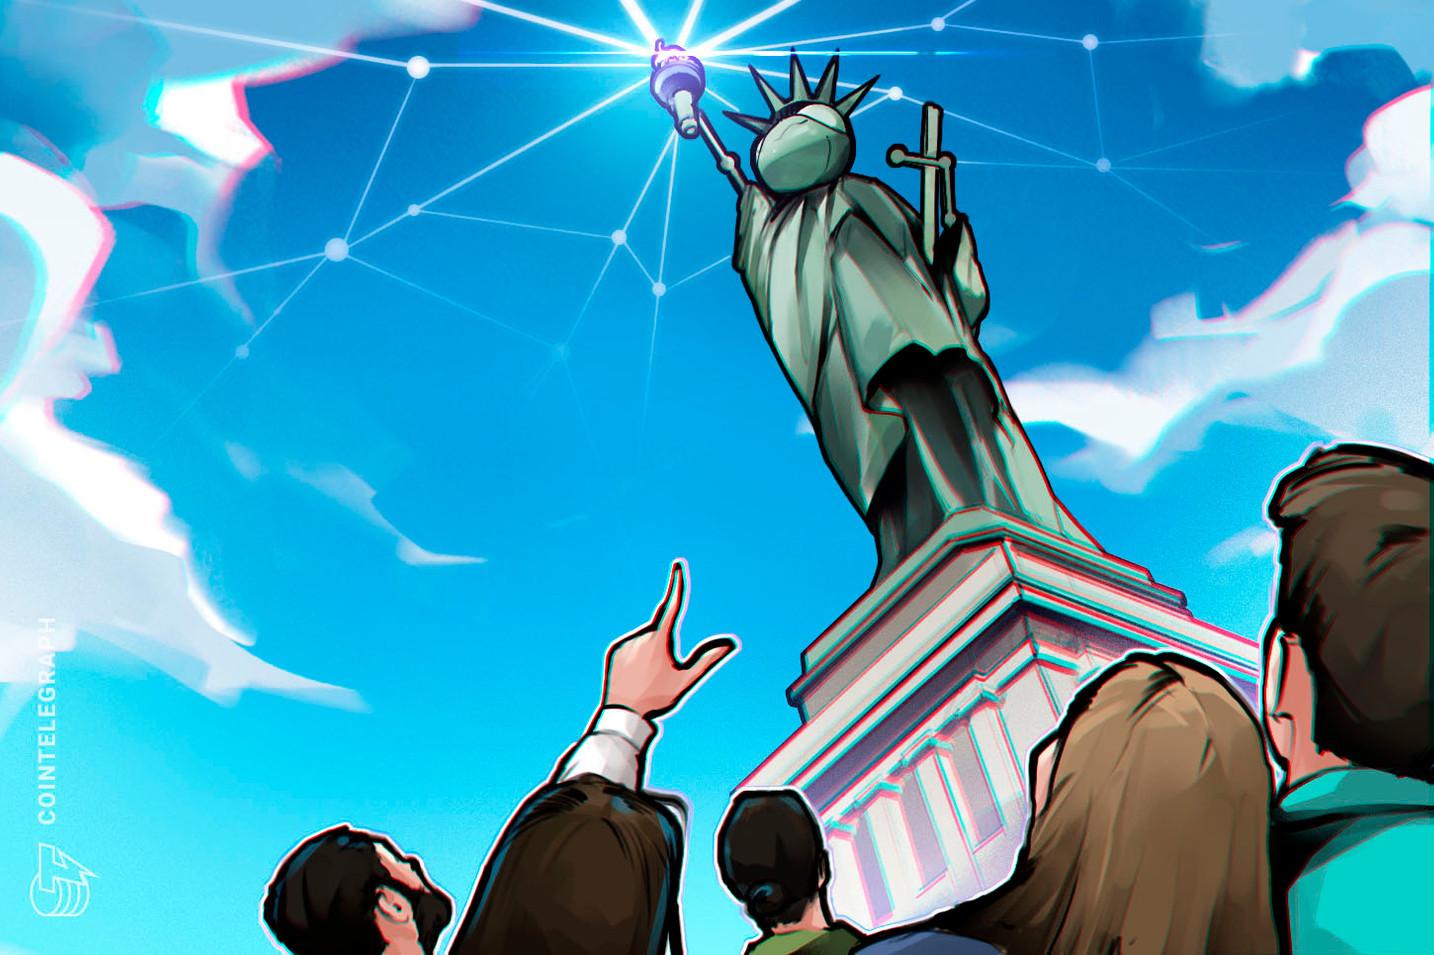 개인정보-인터넷서비스 맞바꾸는 시대, 블록체인으로 끝낸다